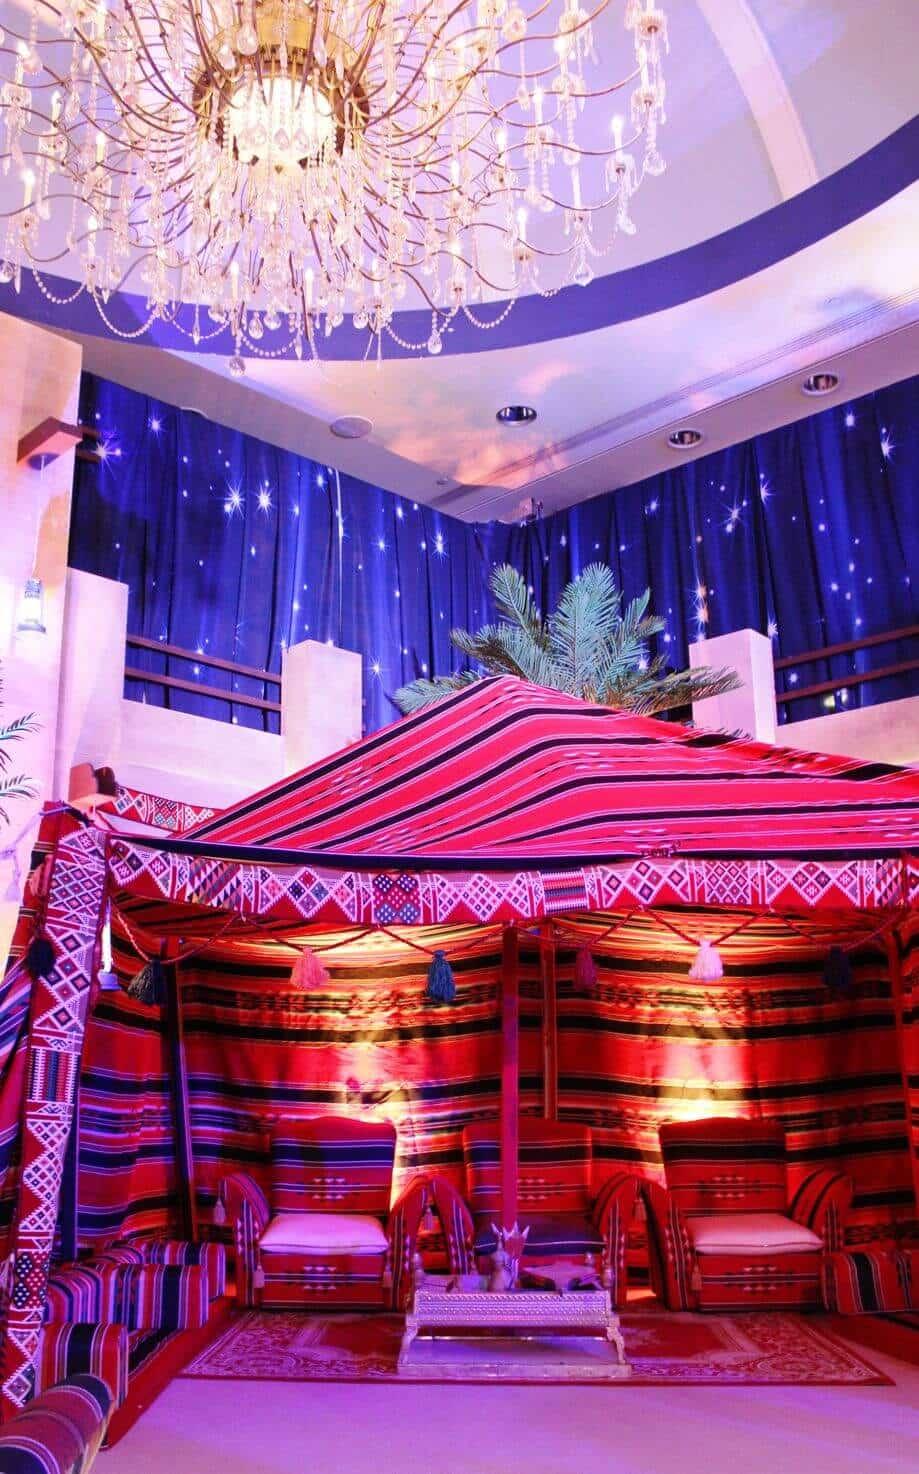 Ritz Carlton Ramadan Tents 2015 Qatar Eating